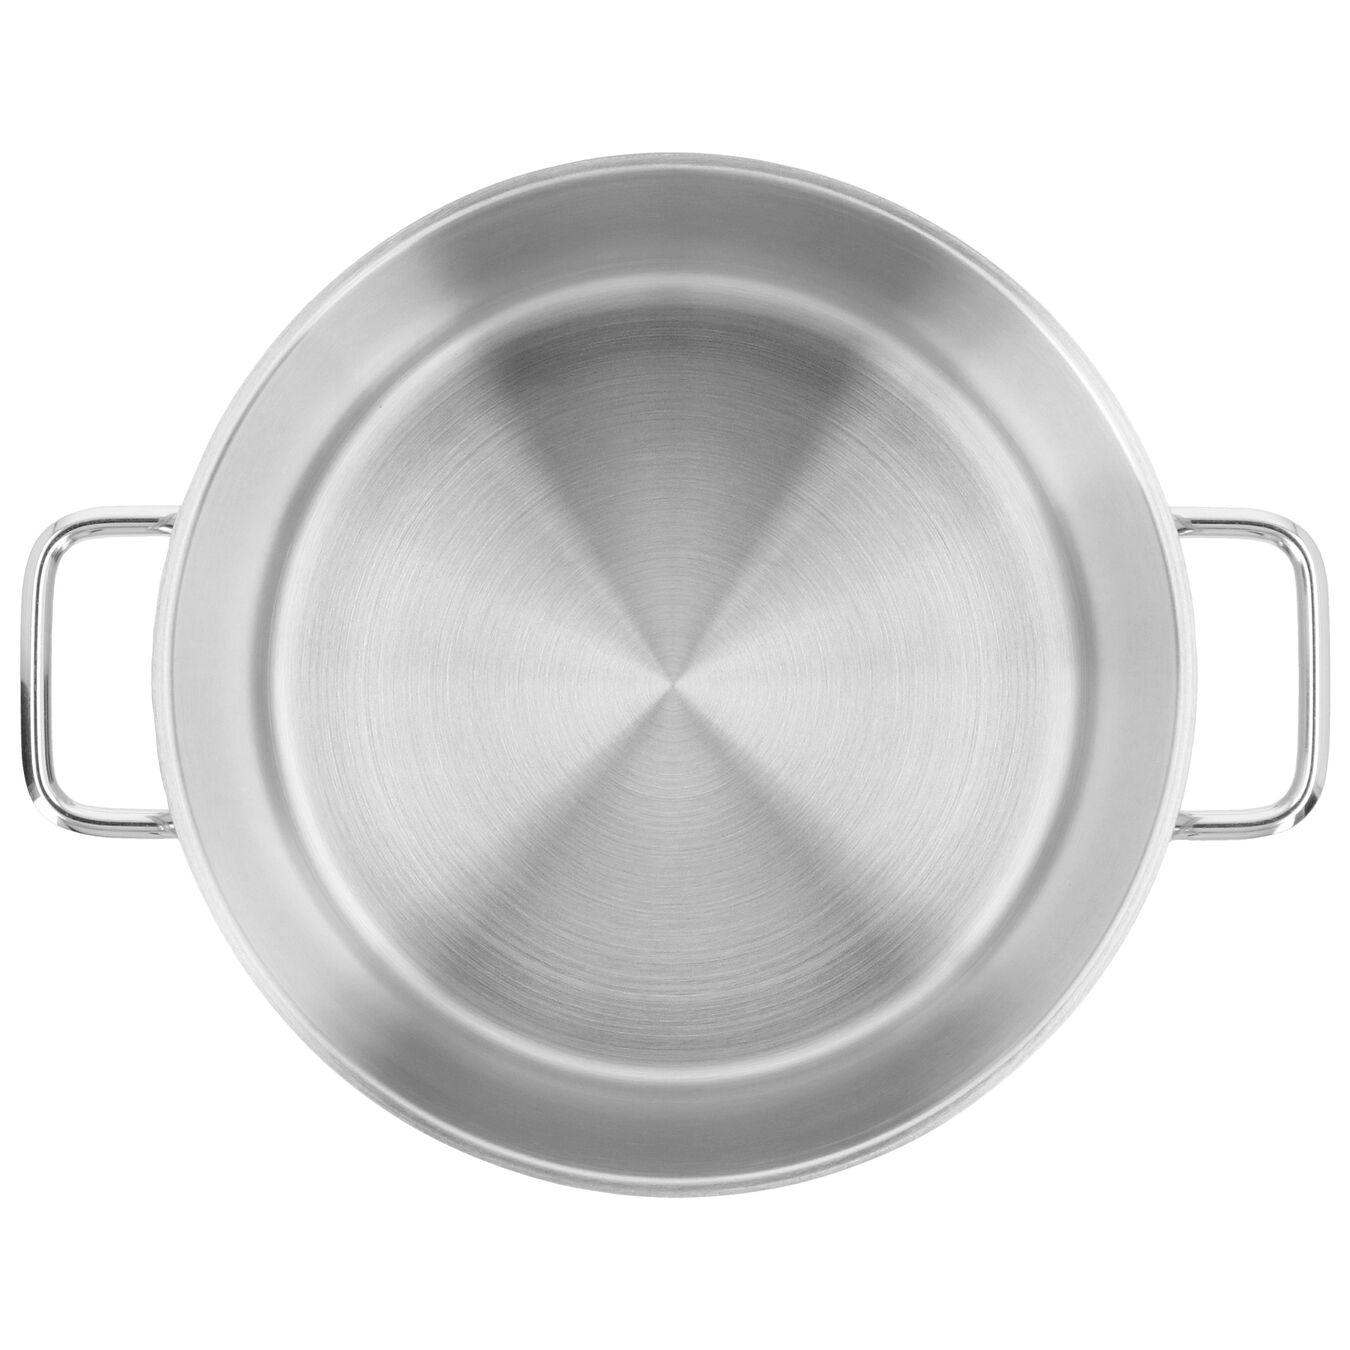 Pentola senza coperchio - 24 cm, 18/10 acciaio inossidabile,,large 5